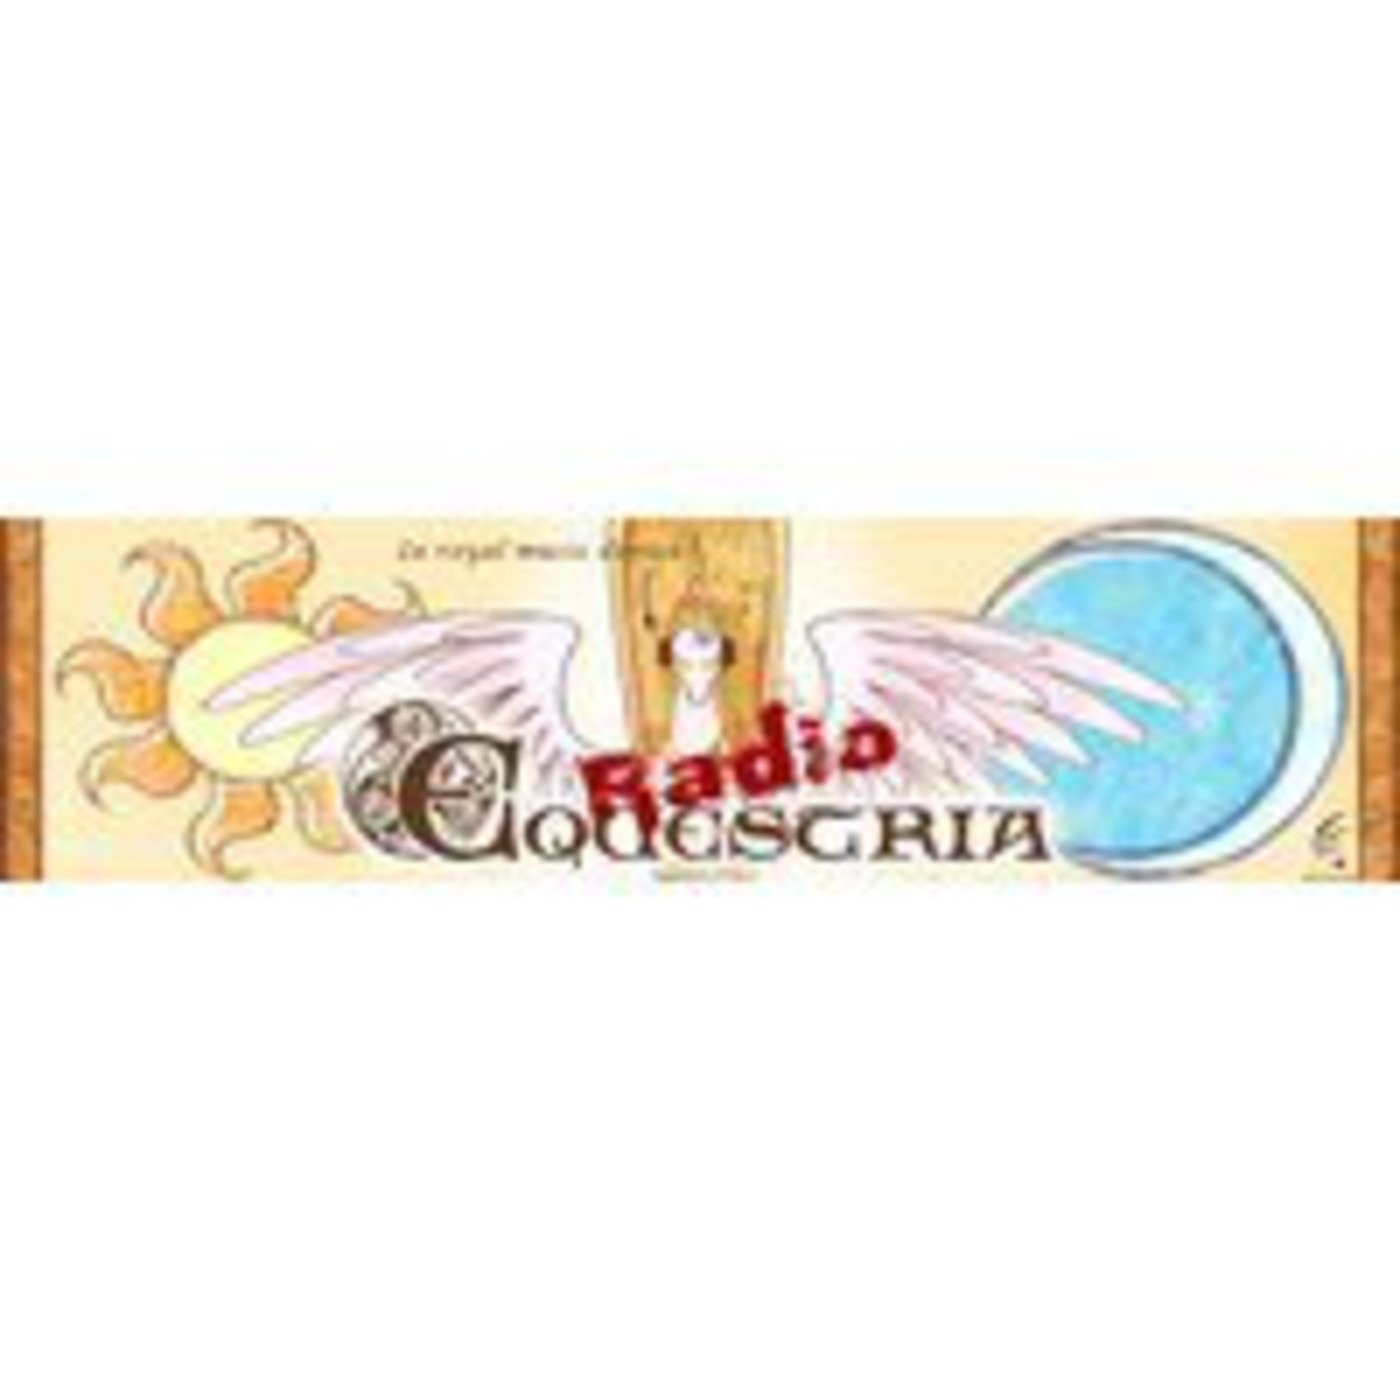 <![CDATA[Podcast Radio Equestria Elsa Covían]]>